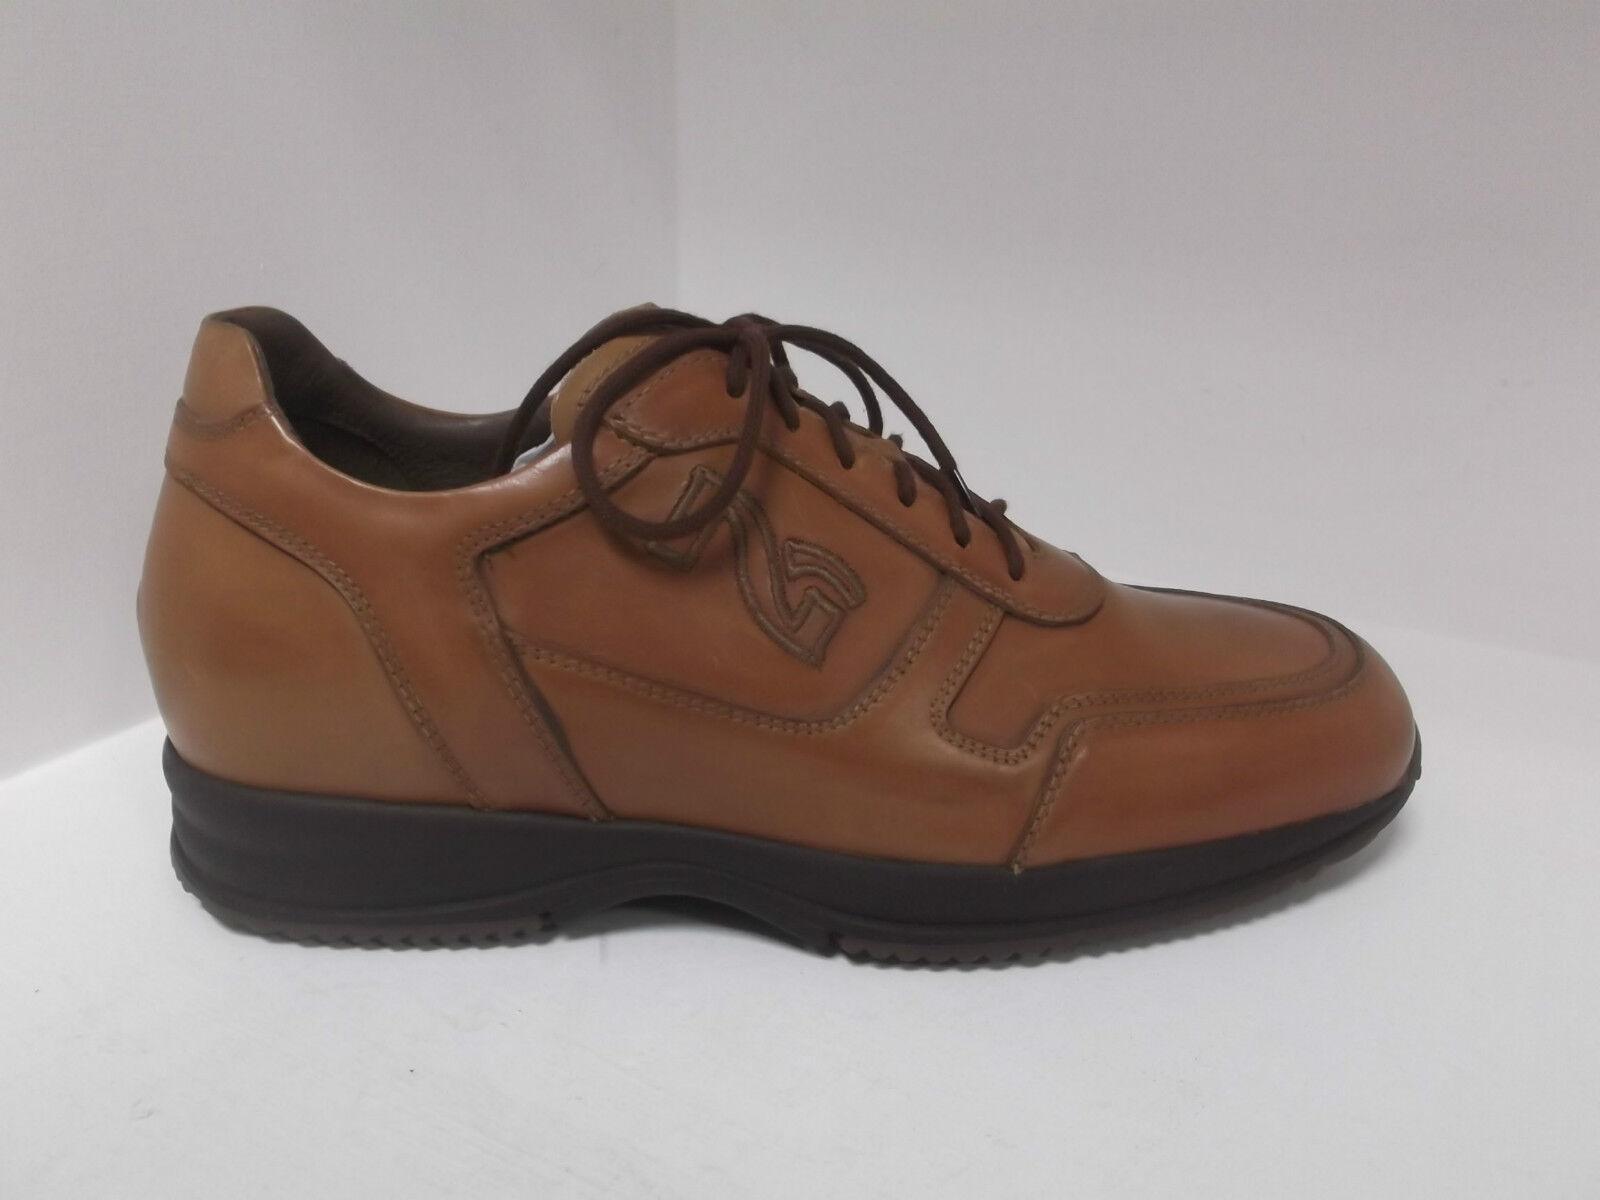 Scarpe Shoes Uomo Nero Giardini Cuoio 393/400 disponibile solo 43 / 44